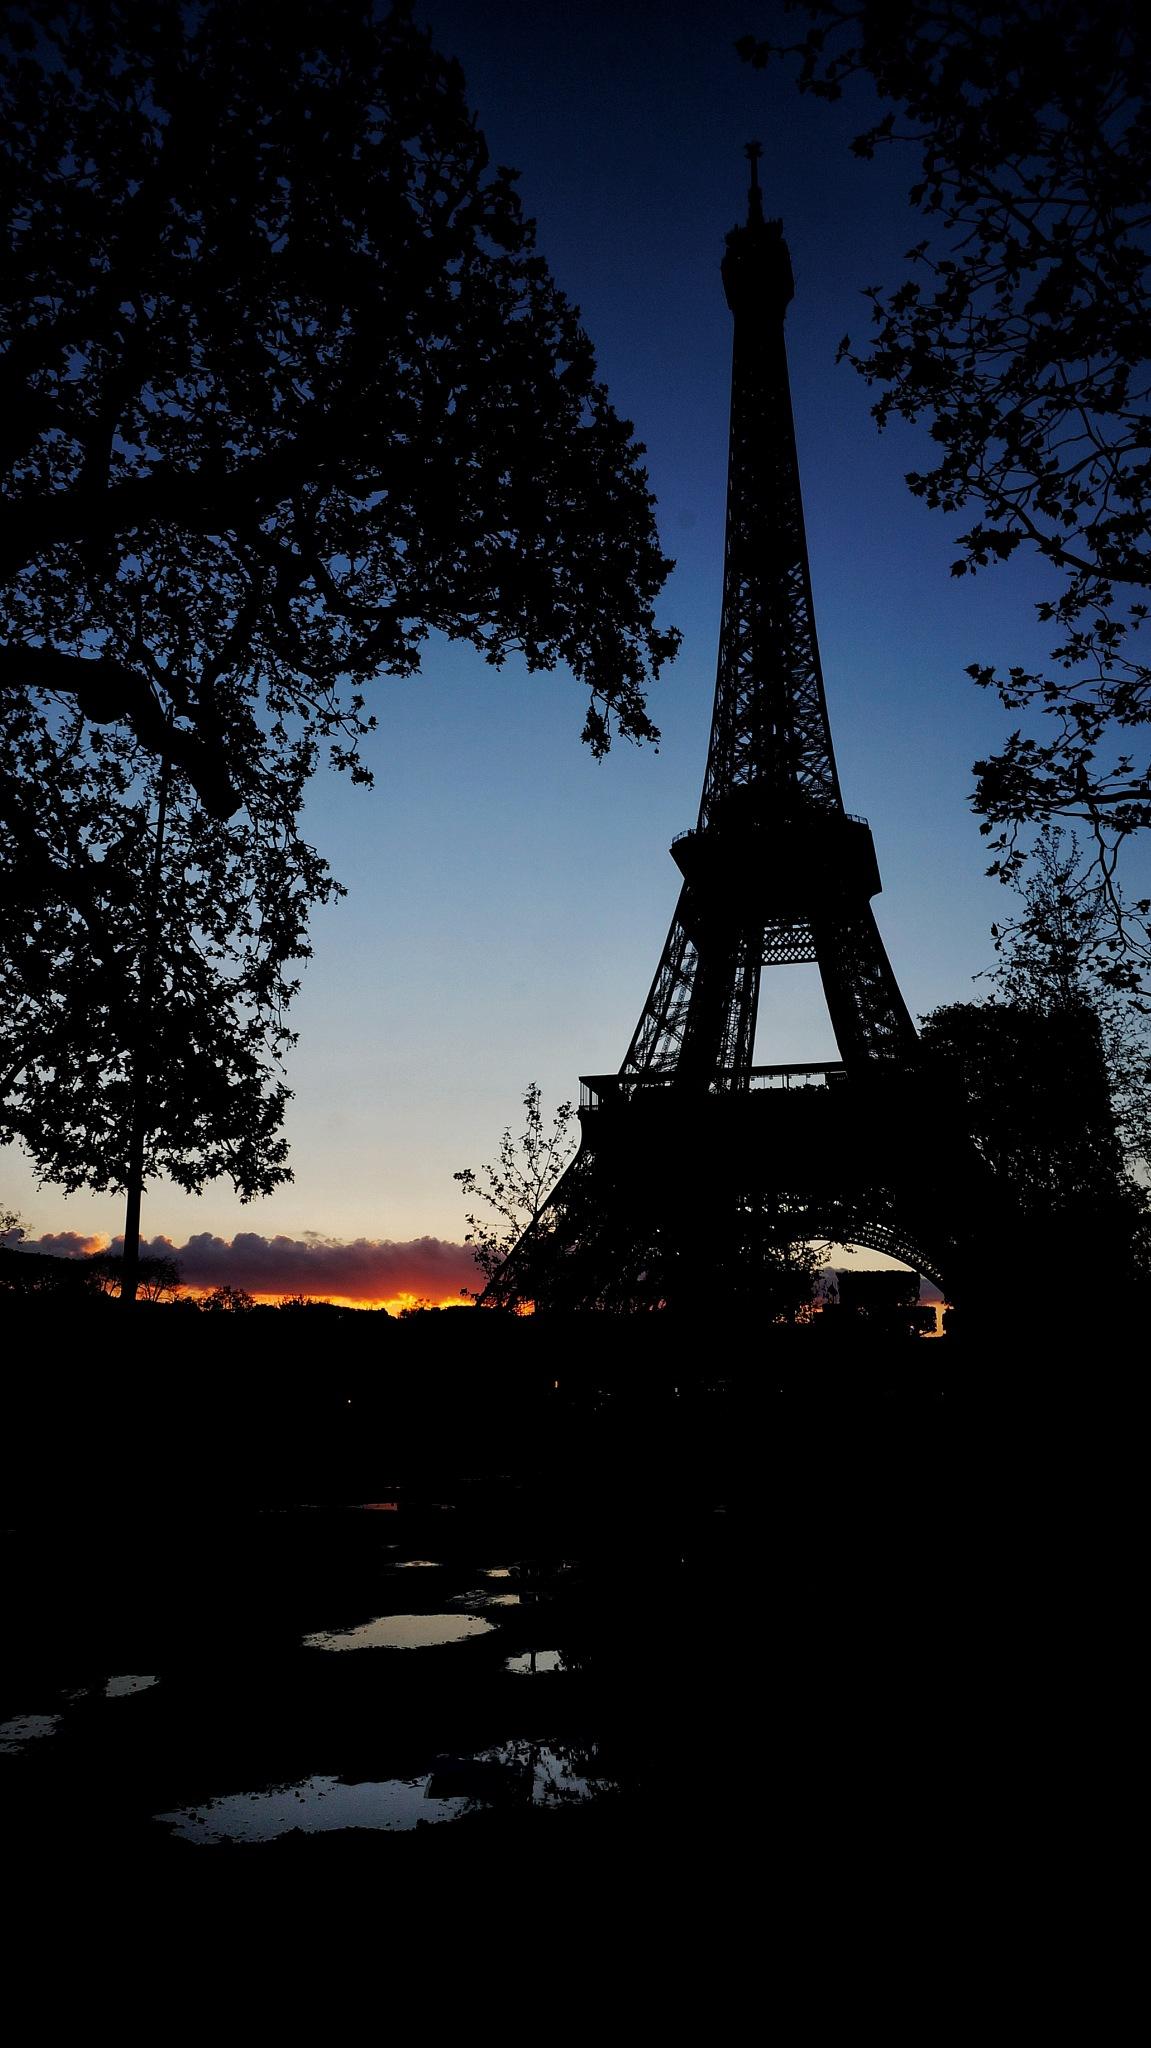 Sunset in paris by Robin van den Berg